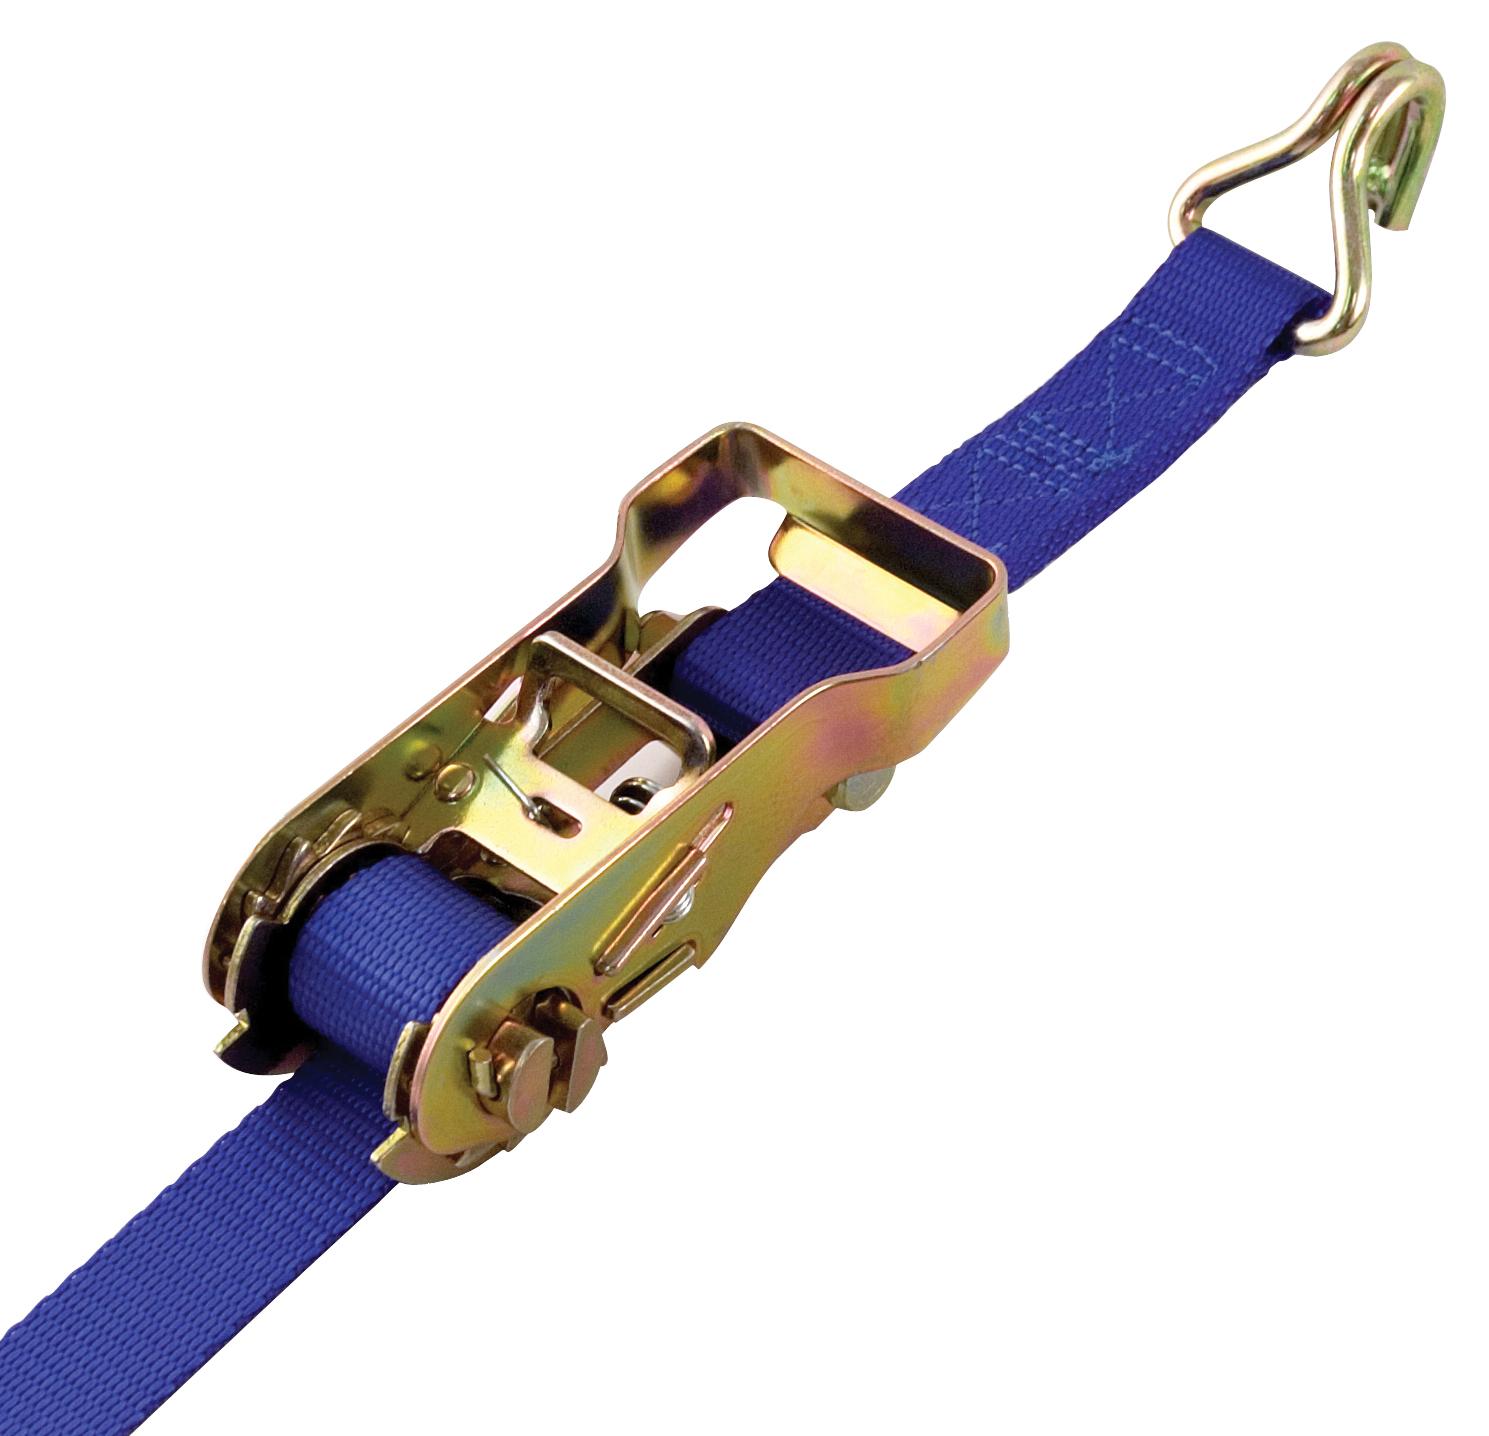 Pro Grip 043118 16' Open Zinc Plated Handle Ratchet Tie Down